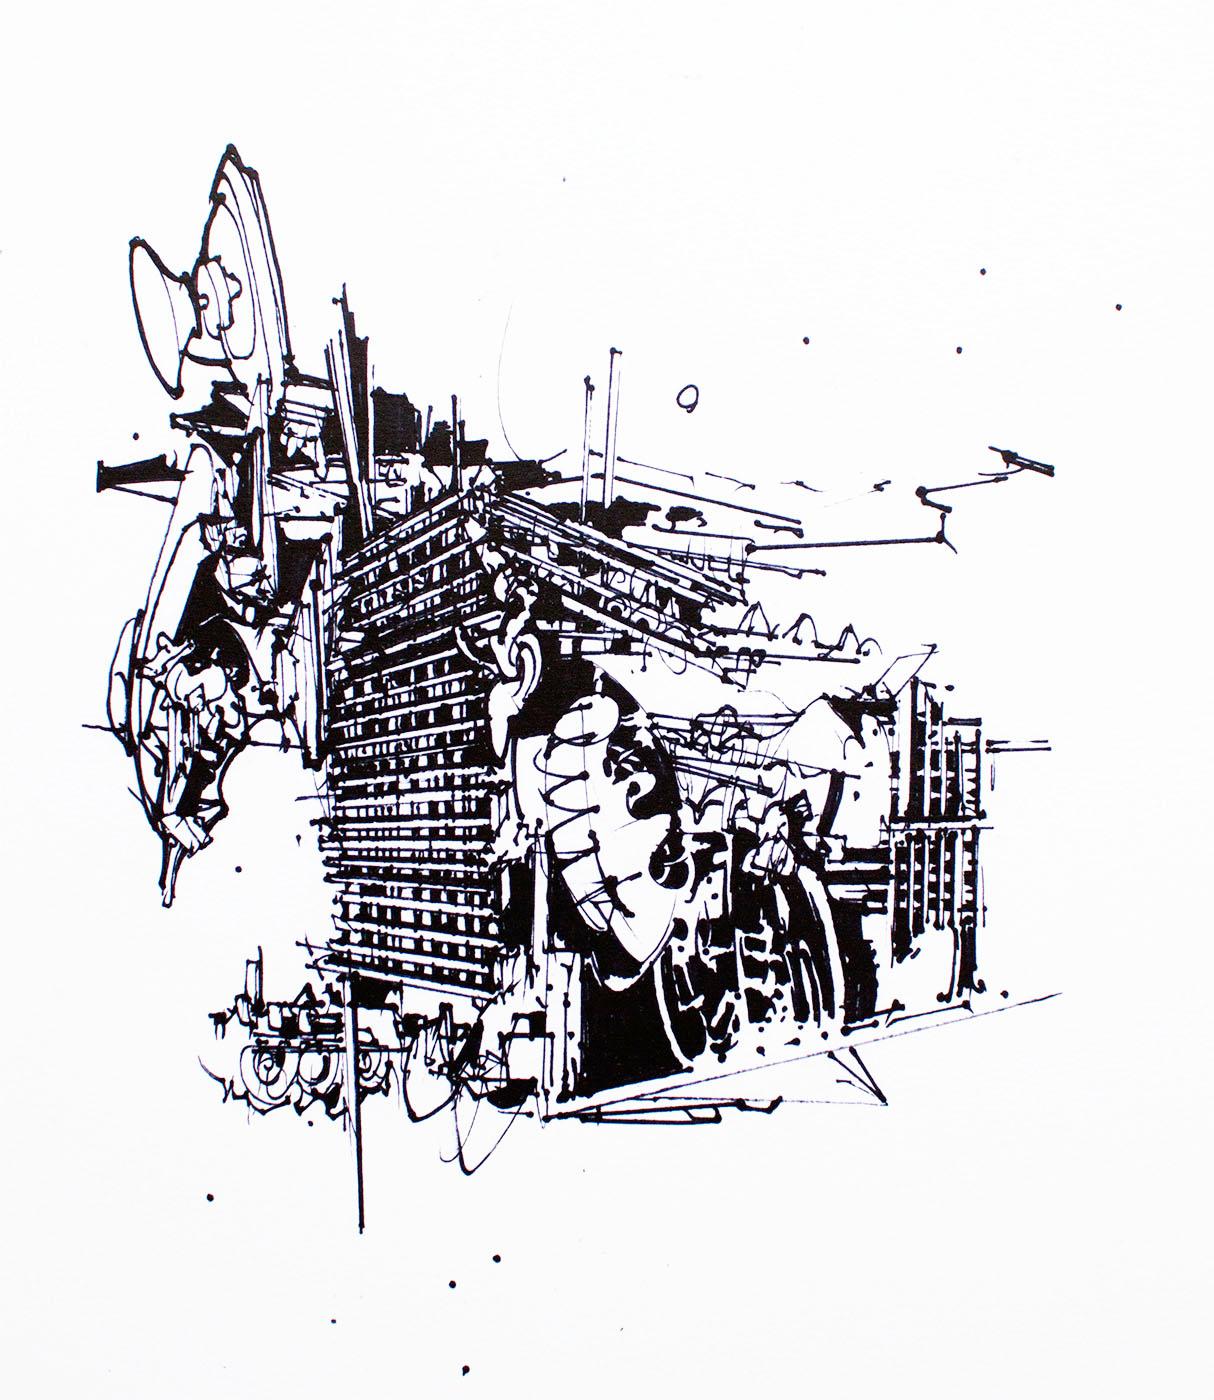 plakater-posters-kunsttryk, giclee-tryk, abstrakte, geometriske, monokrome, arkitektur, mønstre, sorte, hvide, blæk, papir, abstrakte-former, arkitektoniske, sort-hvide, Køb original kunst og kunstplakater. Malerier, tegninger, limited edition kunsttryk & plakater af dygtige kunstnere.